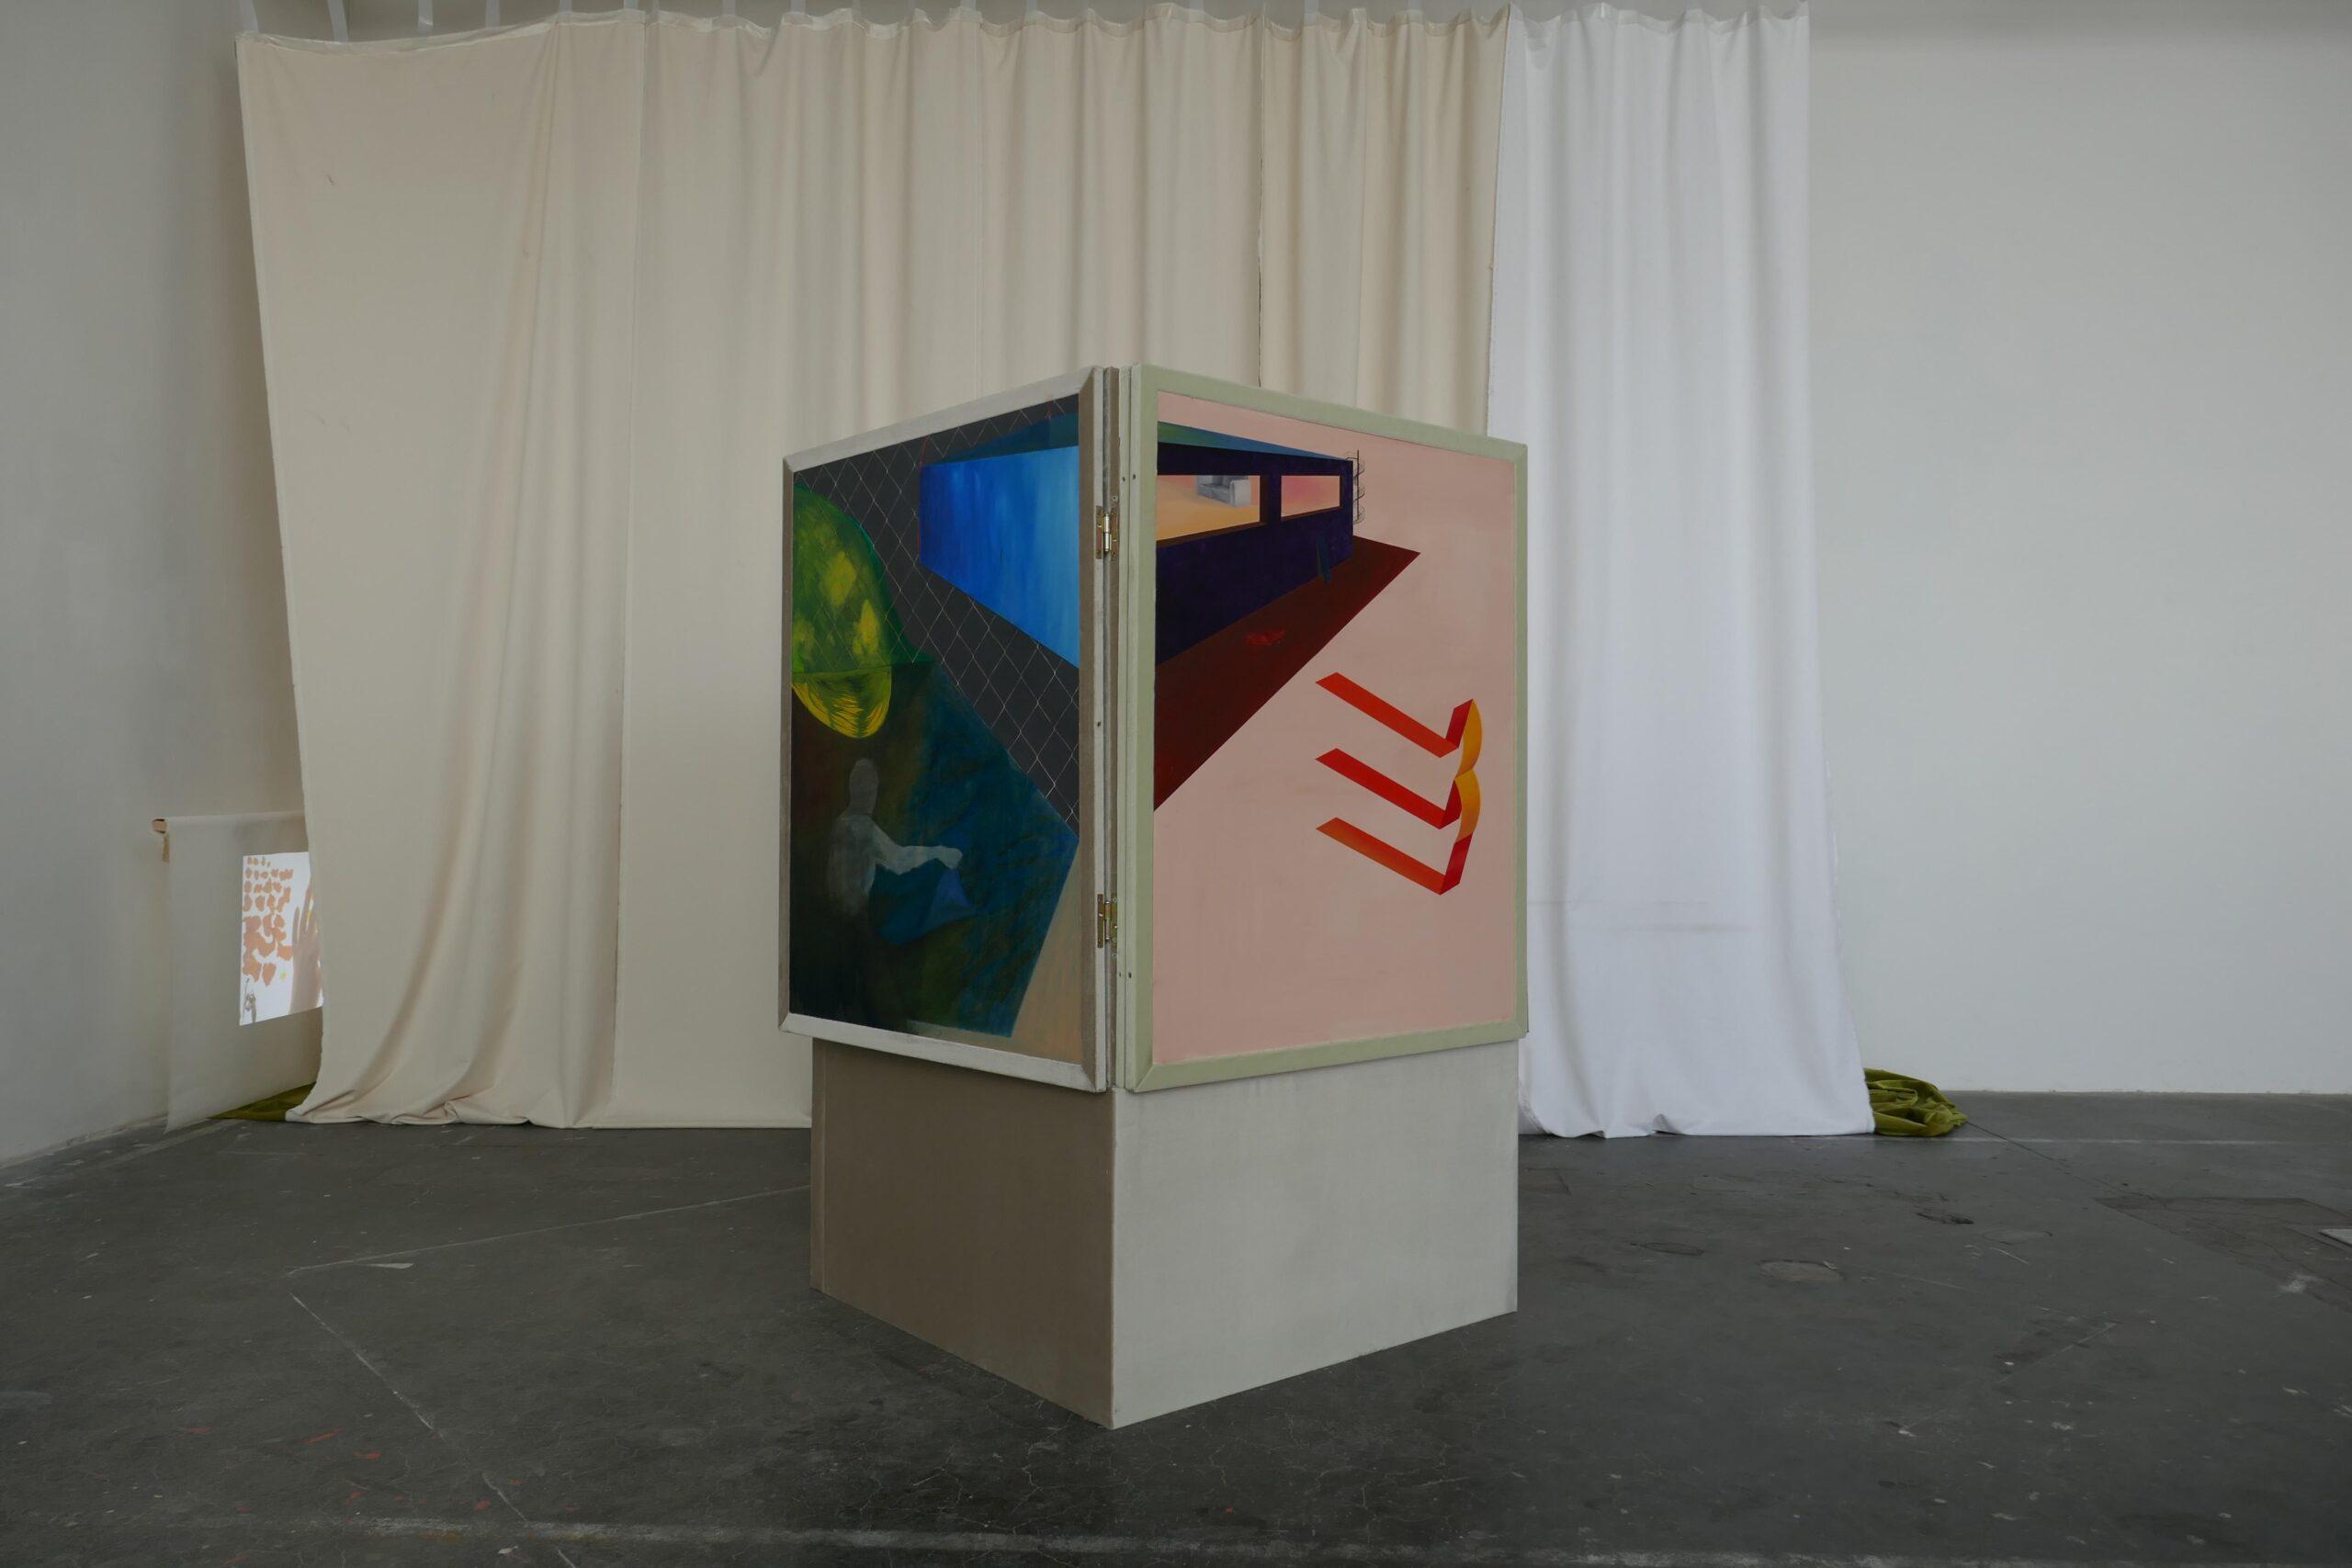 Vierecksbeziehung, 300x300x200 cm, oil on panel